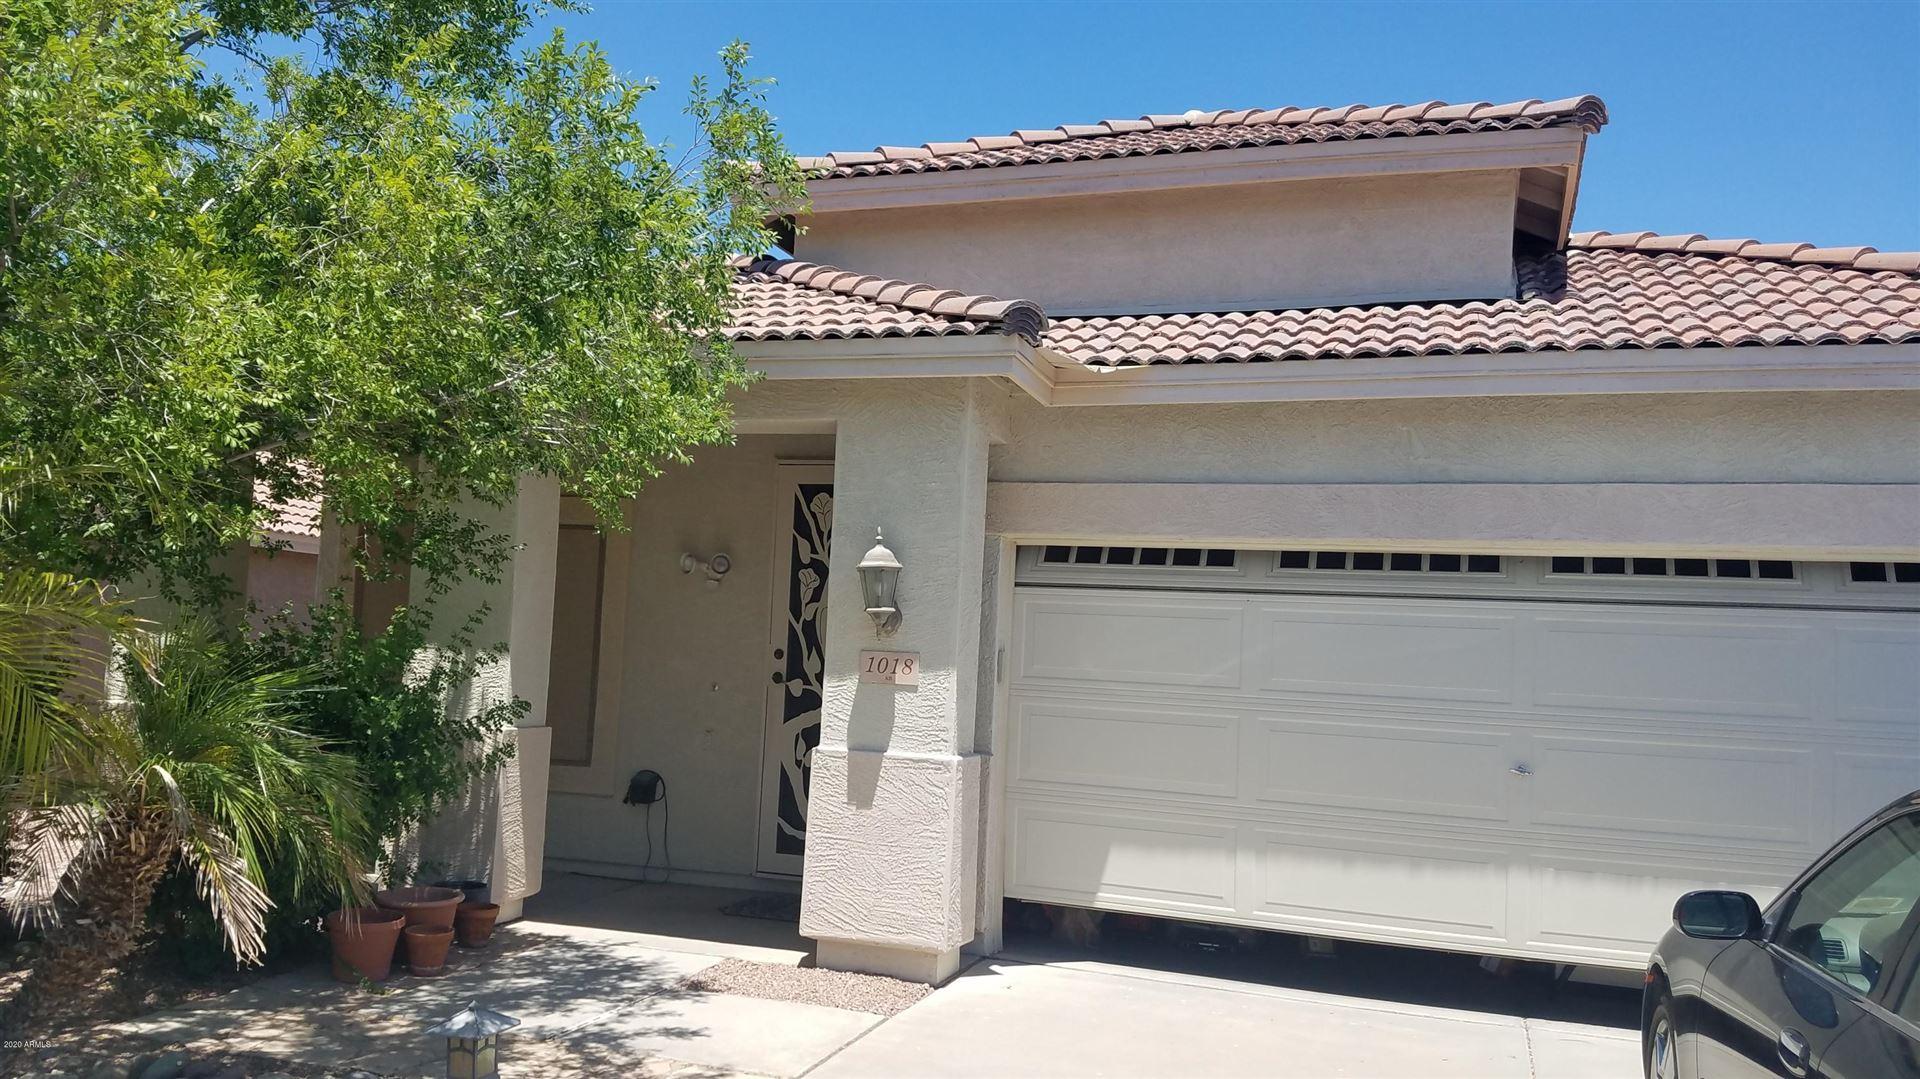 1018 E Gwen Street, Phoenix, AZ 85042 - MLS#: 6082700